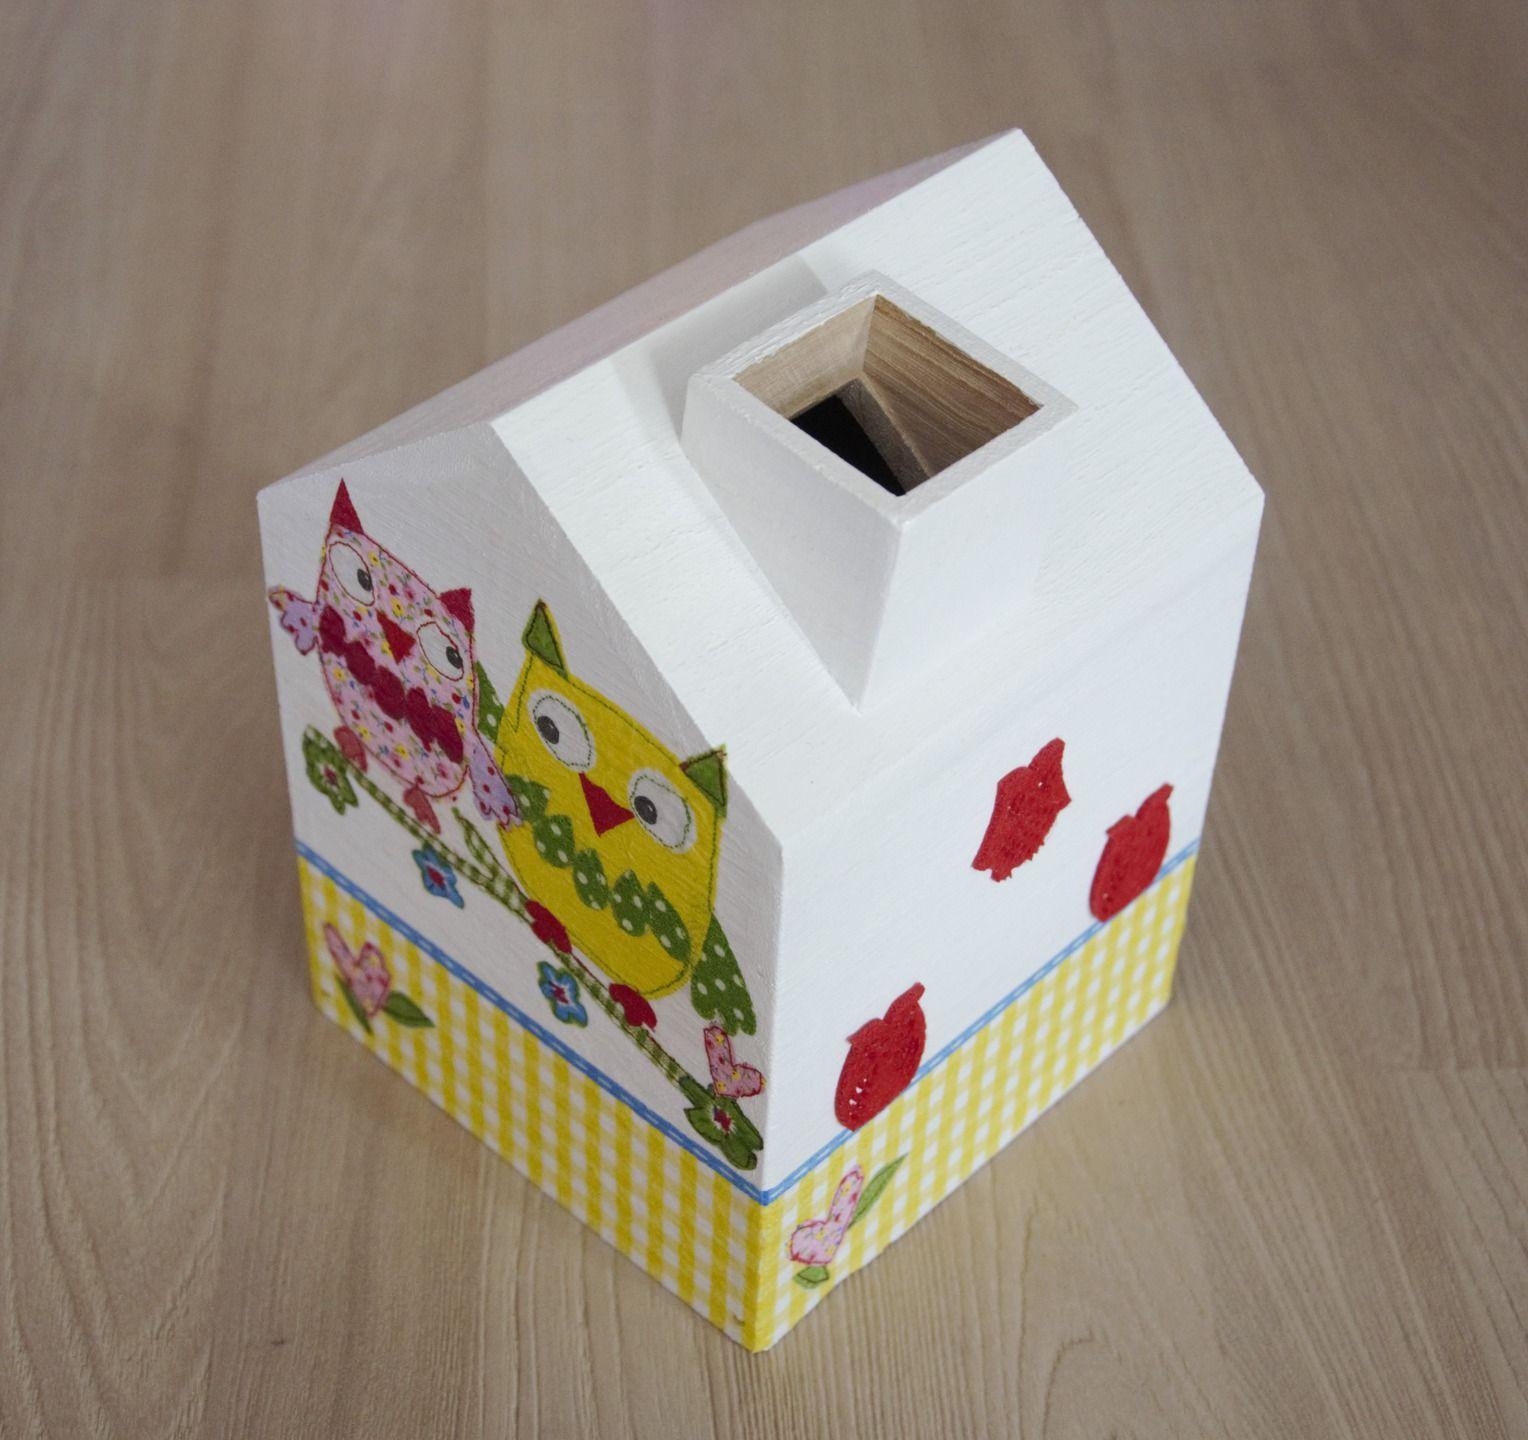 Boite mouchoirs en bois en forme de maison hiboux accessoires de maison par planete b - Boite a mouchoirs maison ...